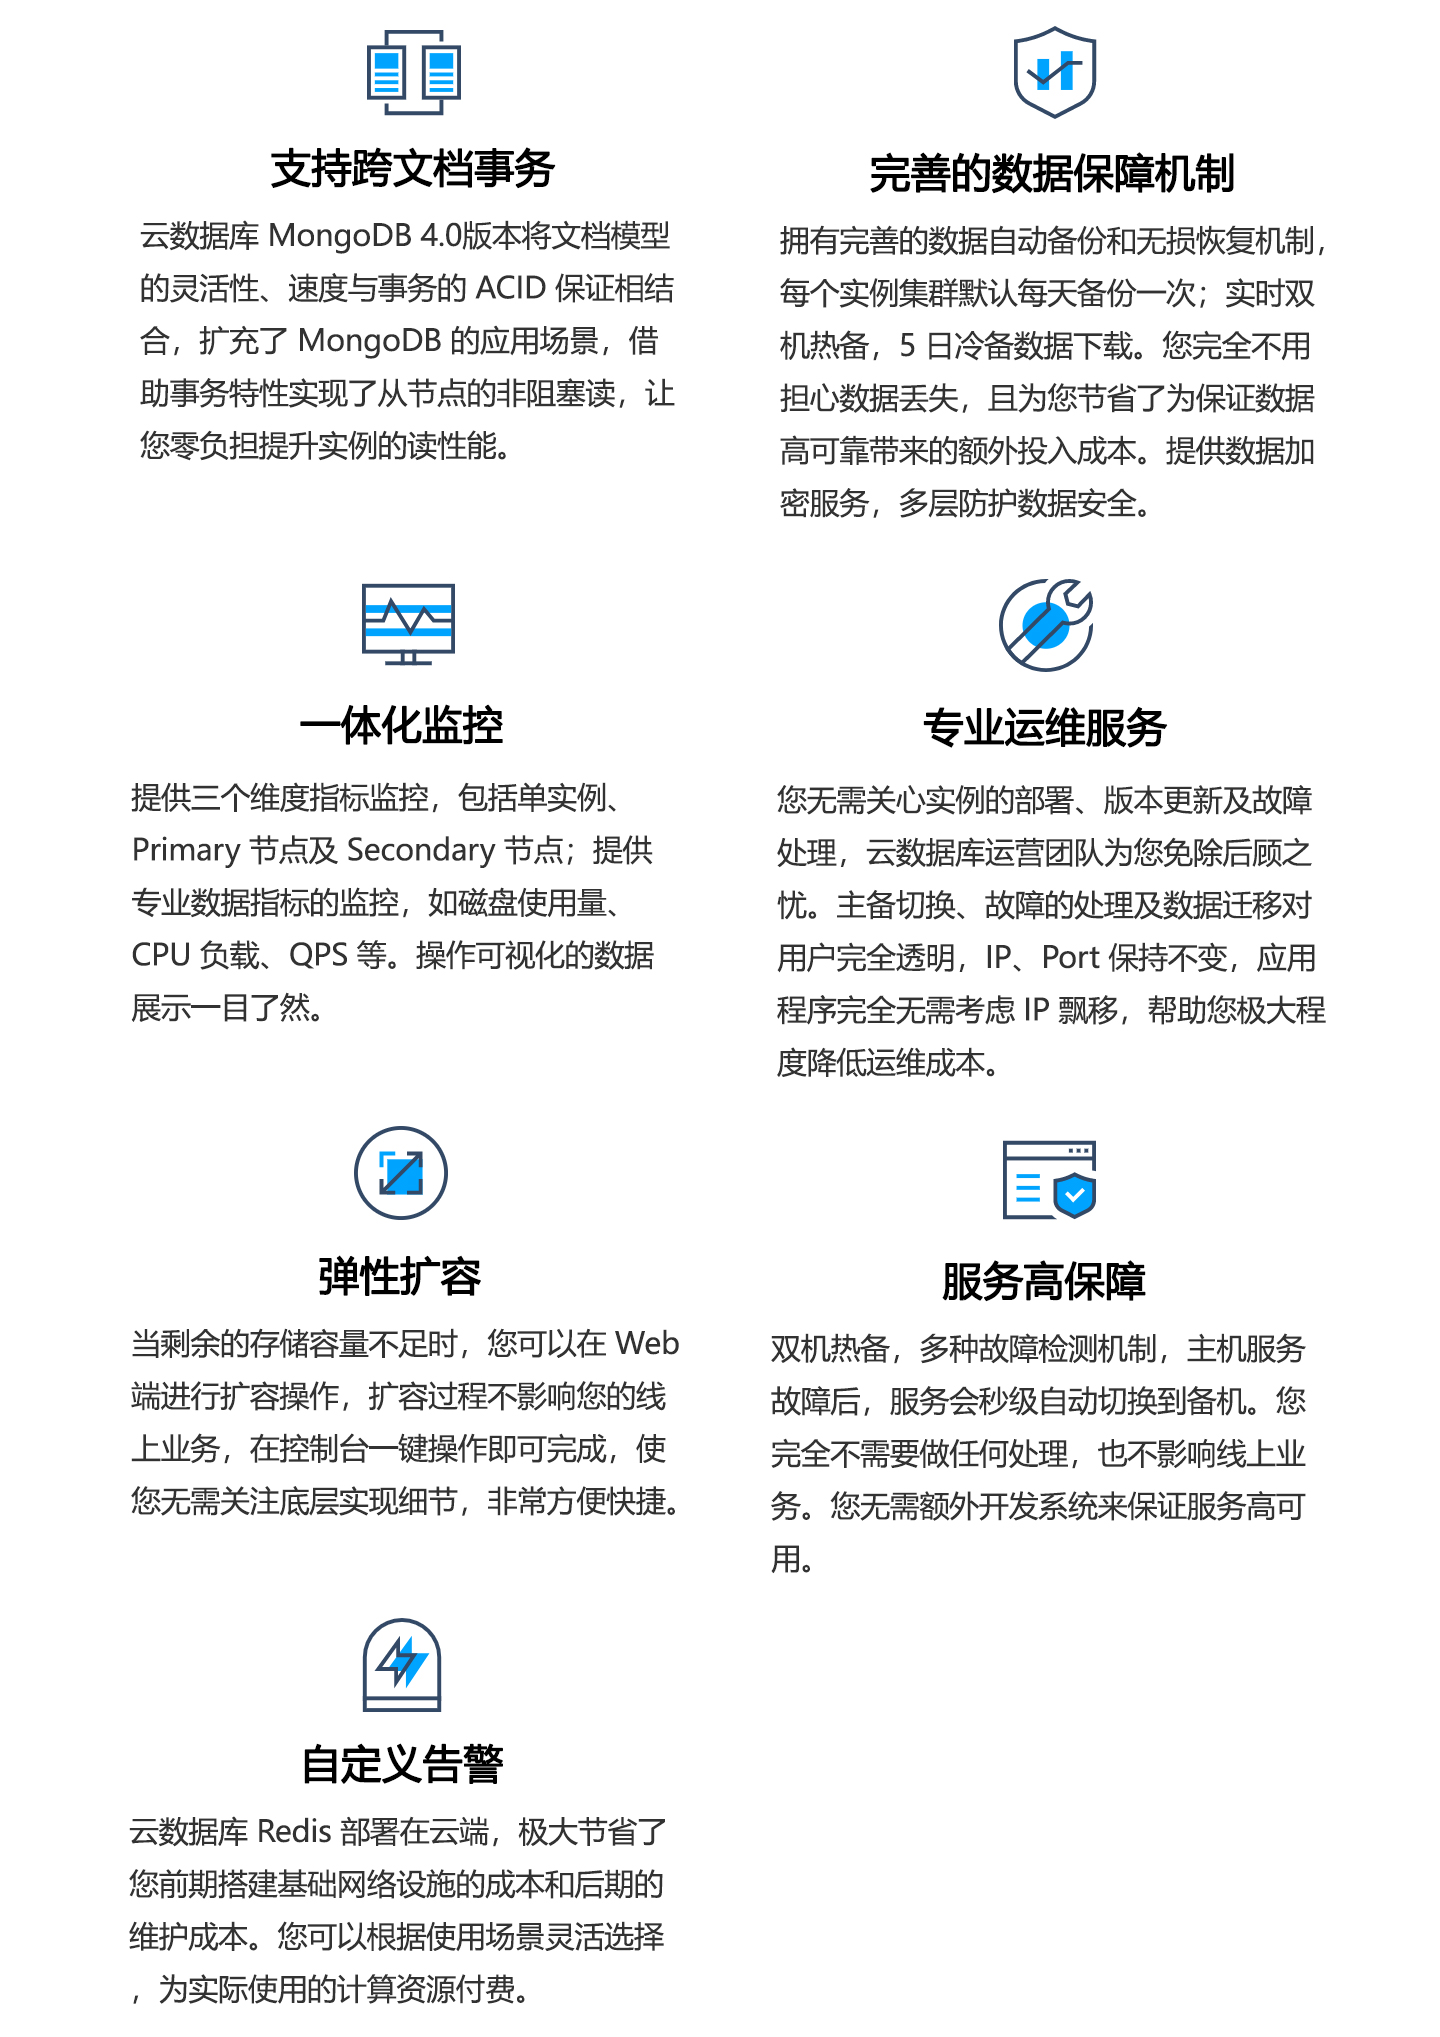 云数据库-TencentDB-for-MongoDB-1440_02.jpg